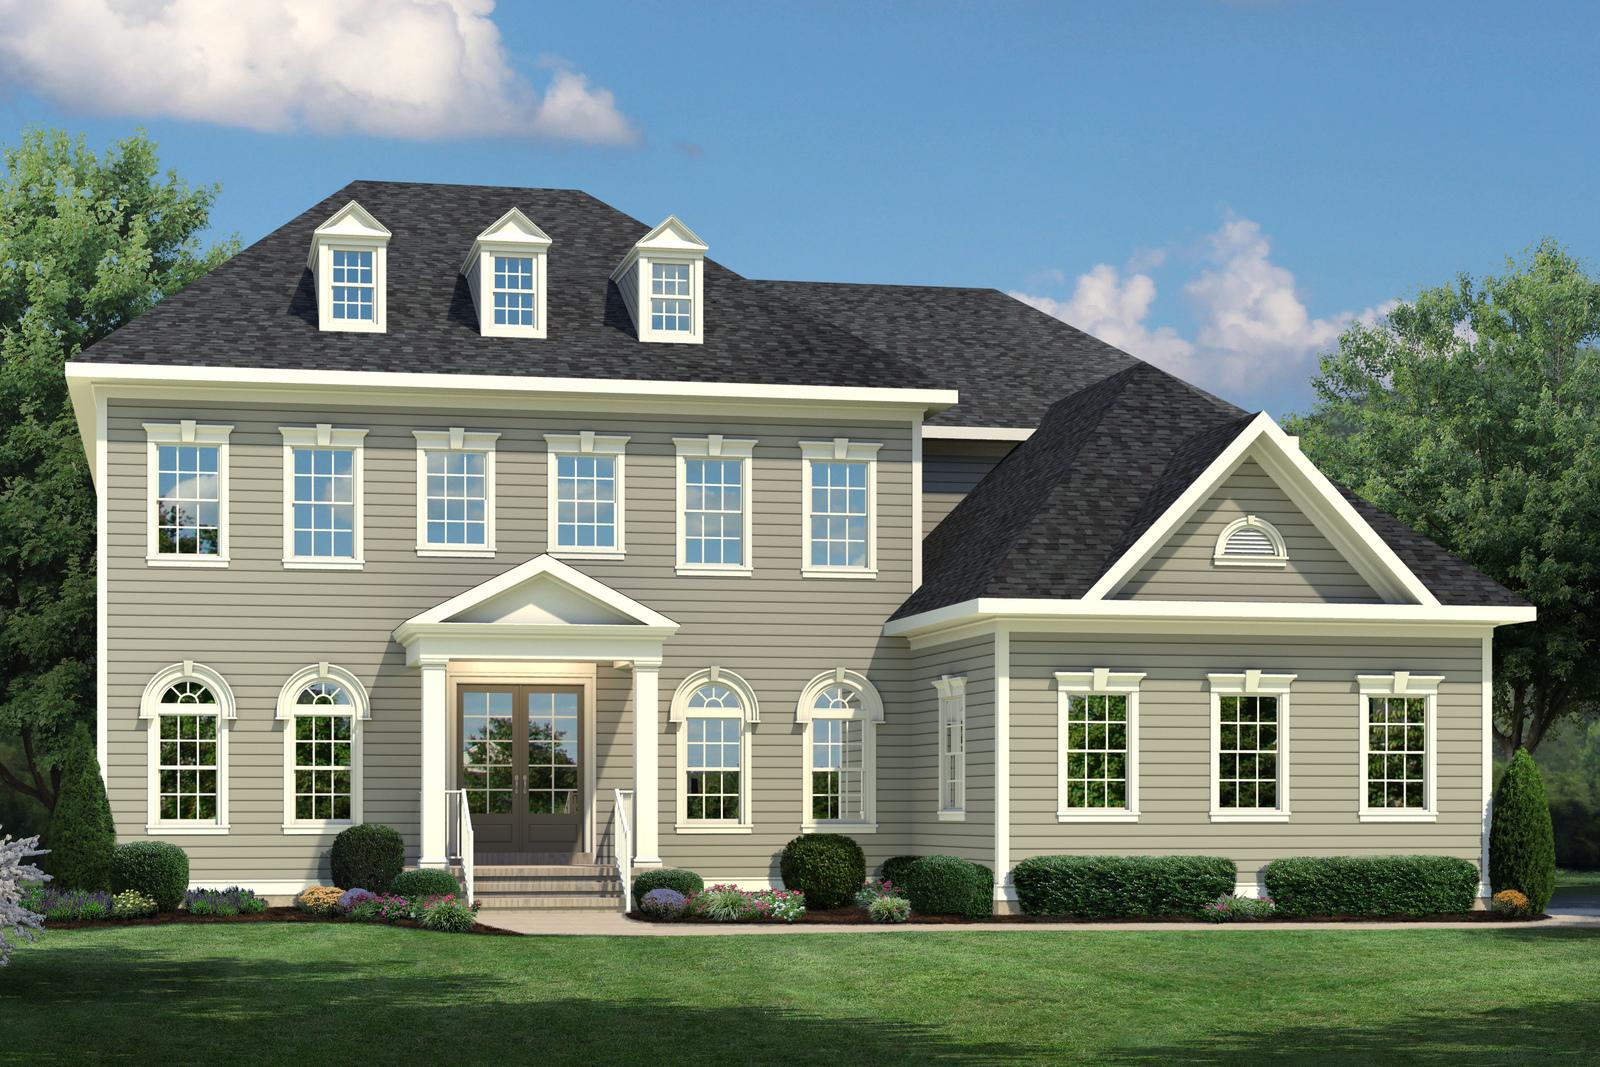 new regent u0027s park ii home model at willowsford estates at the